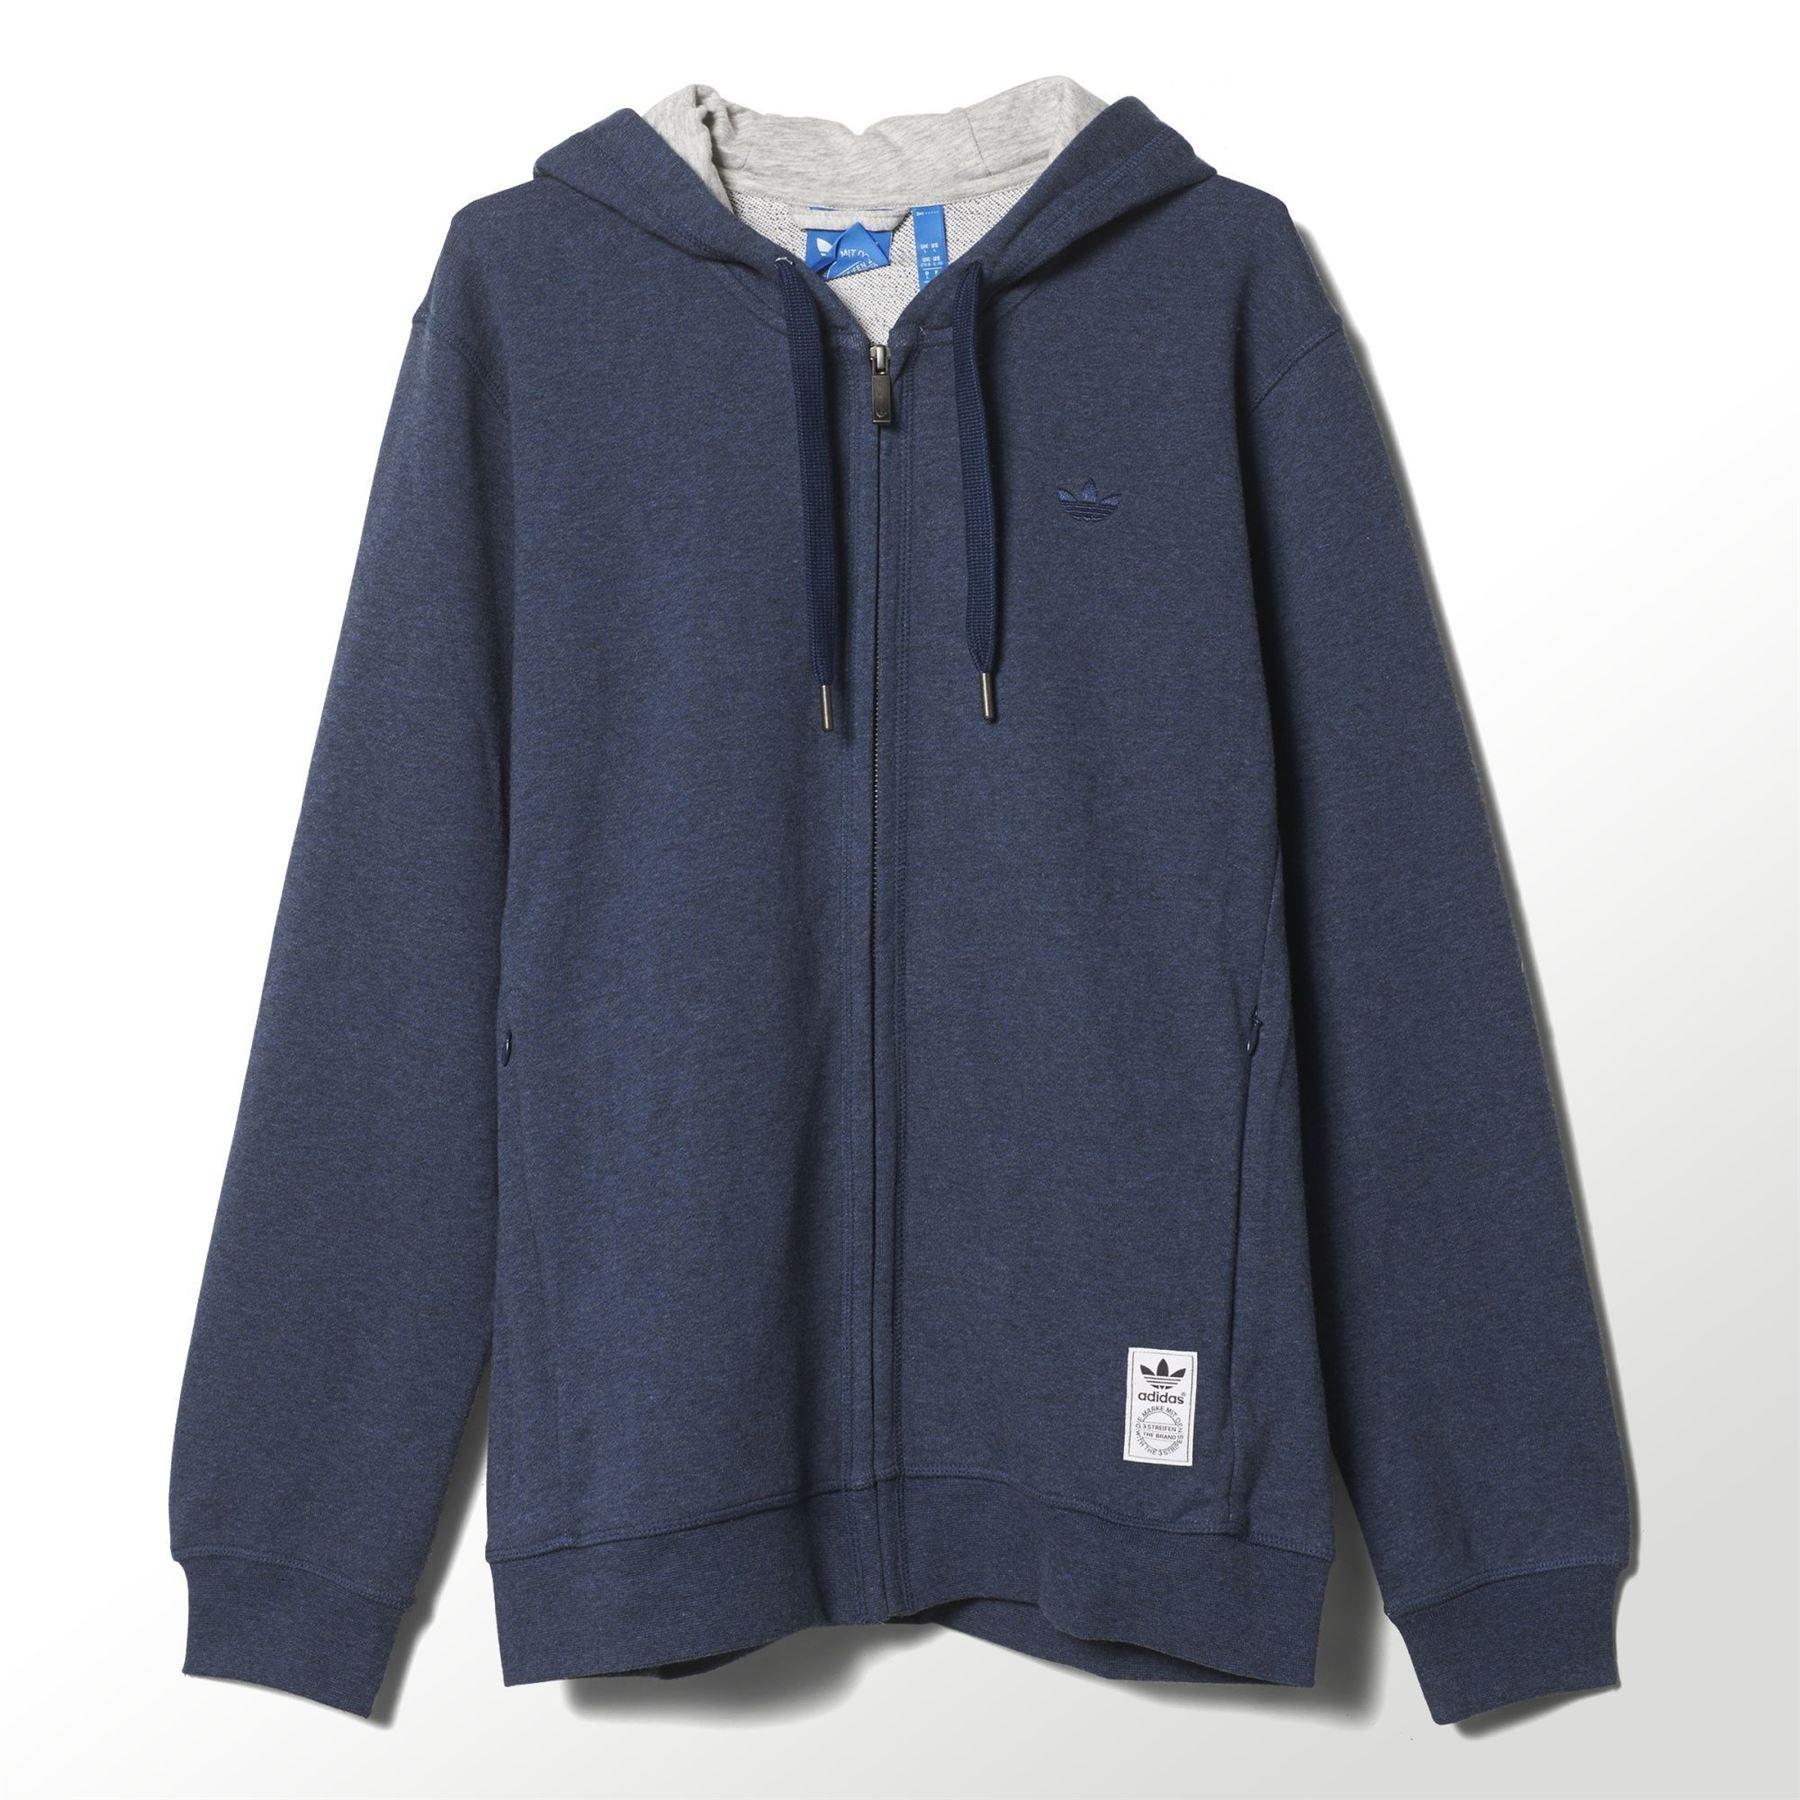 58fec46423 Dettagli su Adidas Originali UOMO XS Premium Fz Felpa con Cappuccio Blu  Pullover